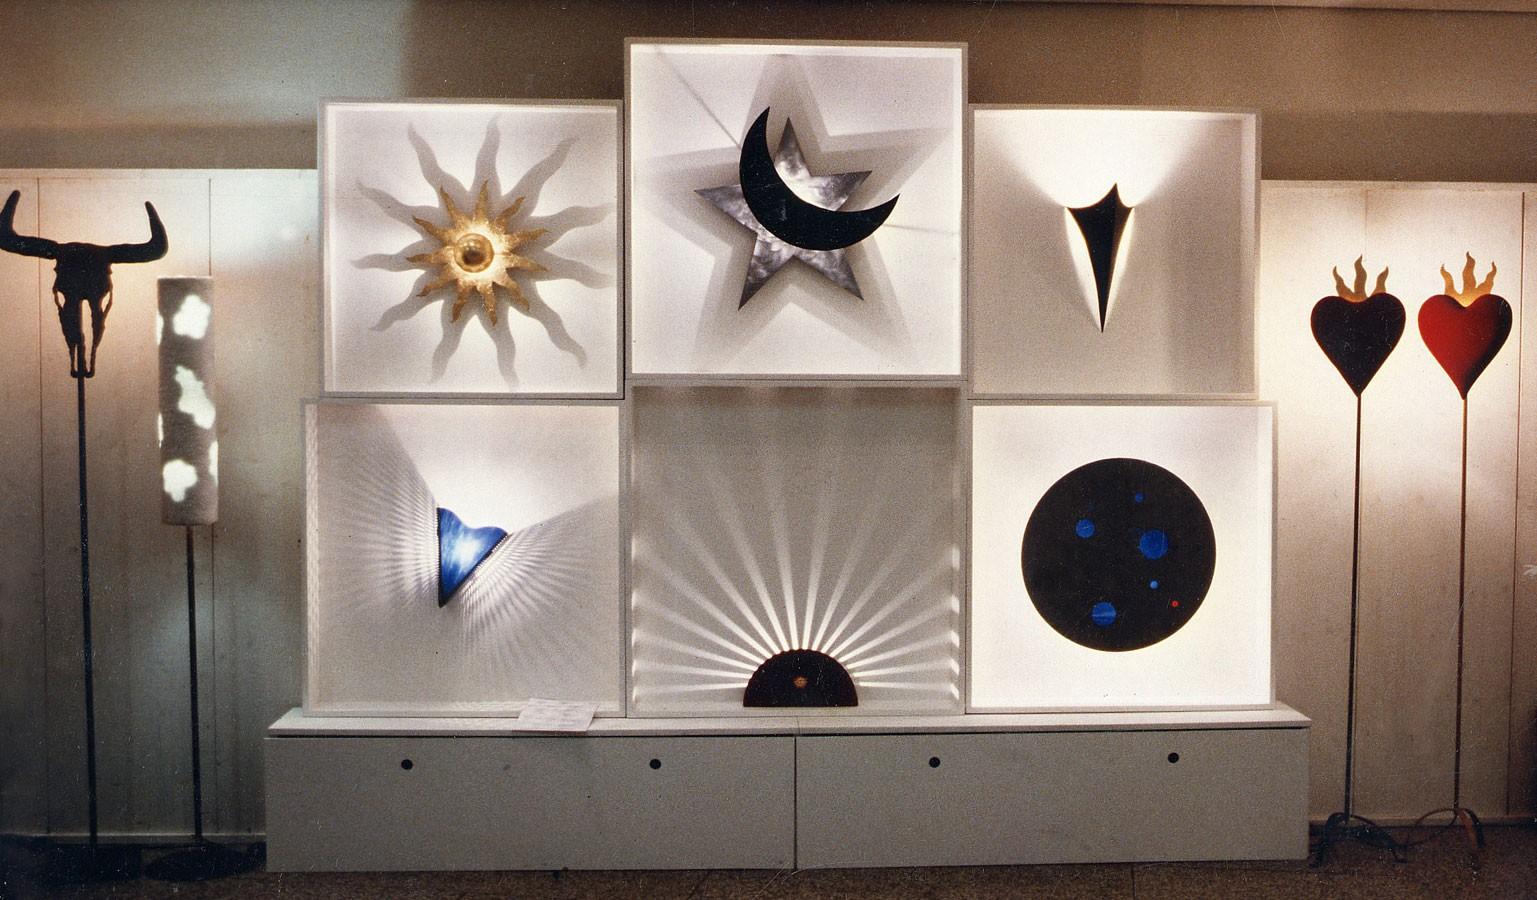 Lampenregal mit Leuchten von Markus Wilkens